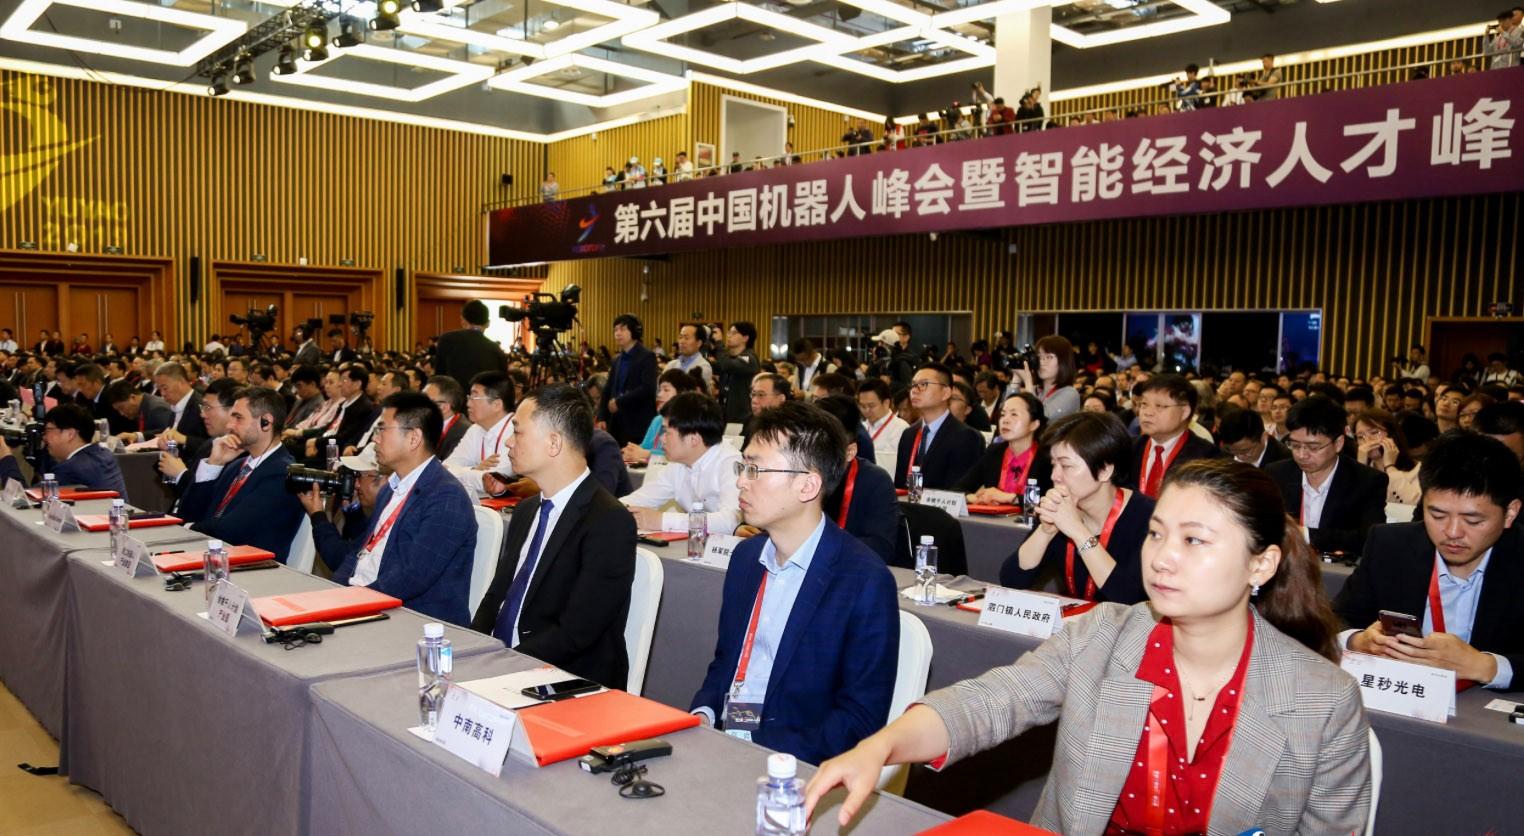 第六届中国机器人峰会:重新定义下一代机器人